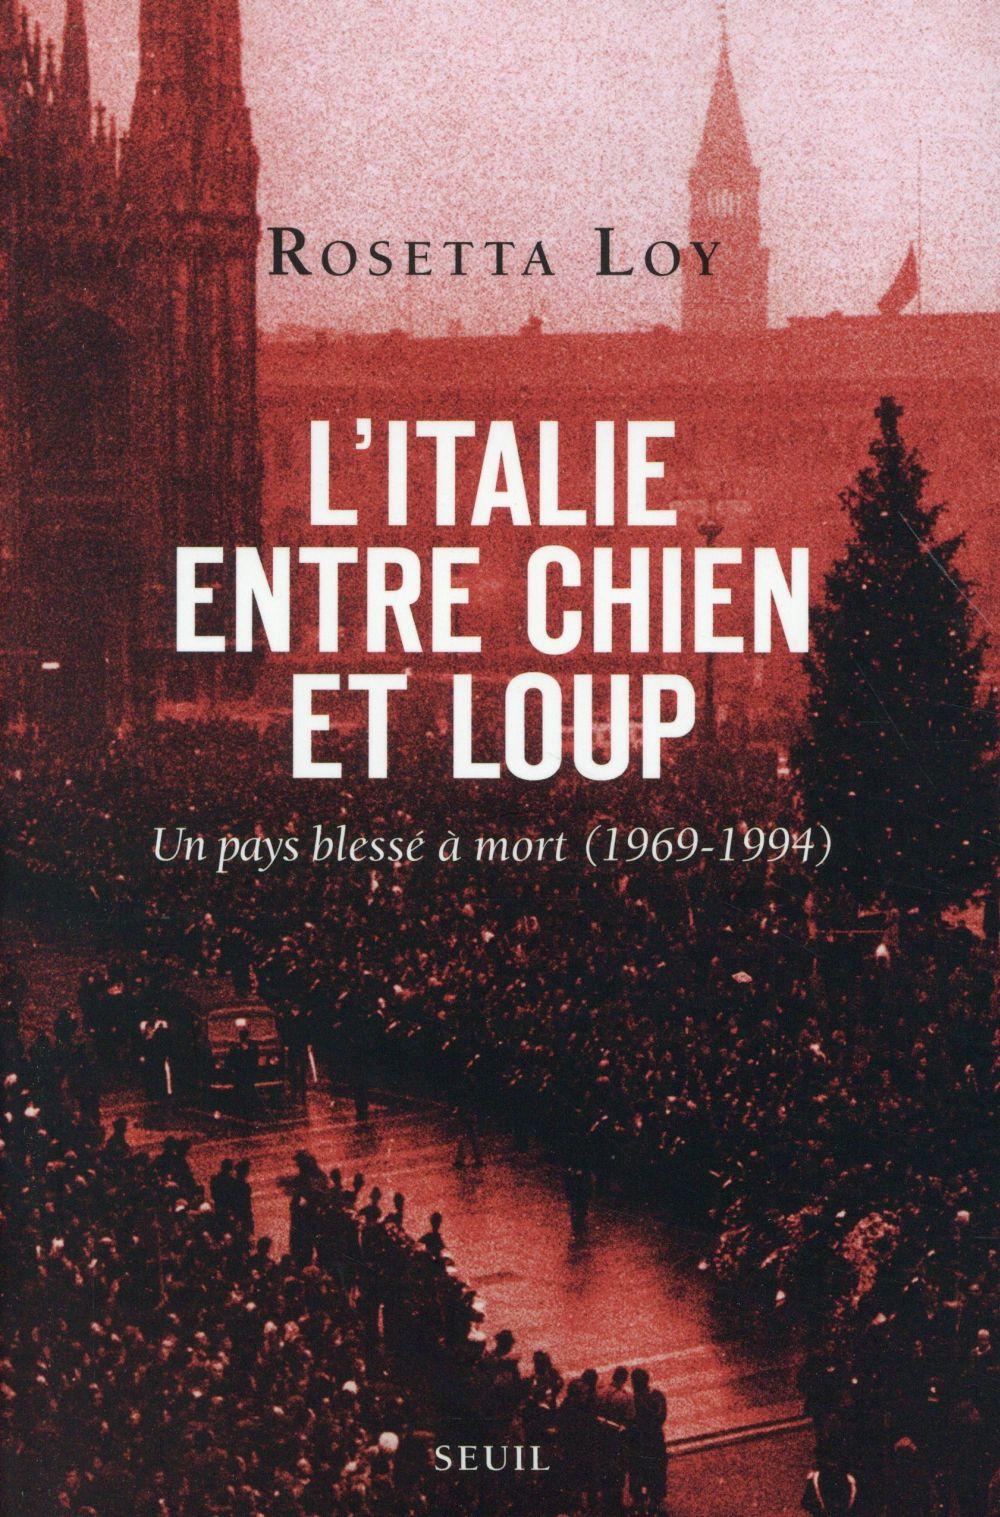 L'ITALIE ENTRE CHIEN ET LOUP : UN PAYS BLESSE A MORT (1969-1994)